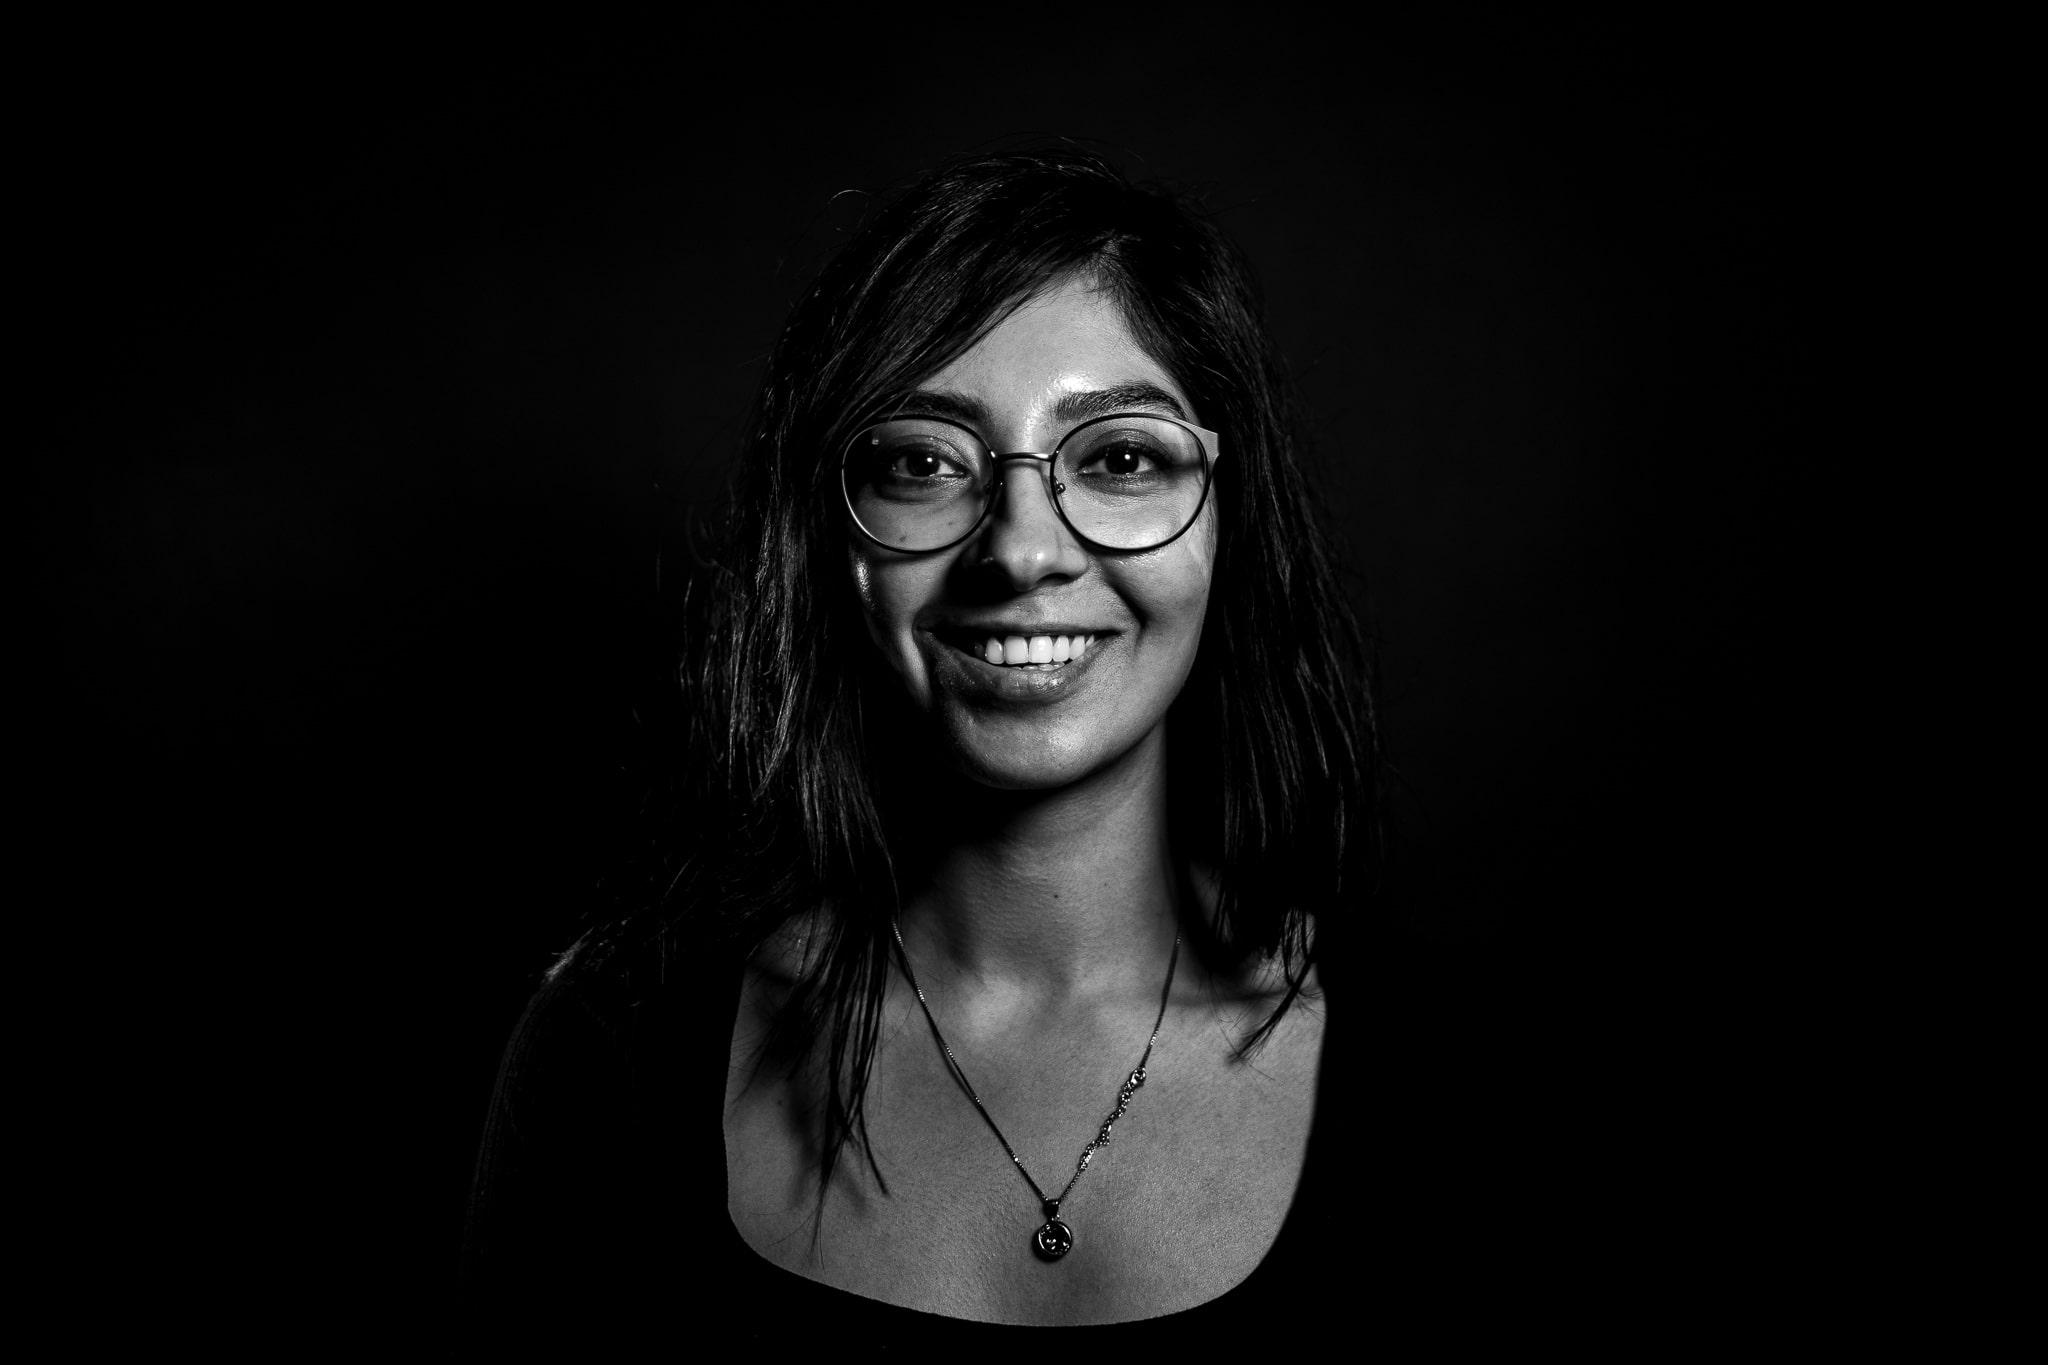 Chandricka Sharma